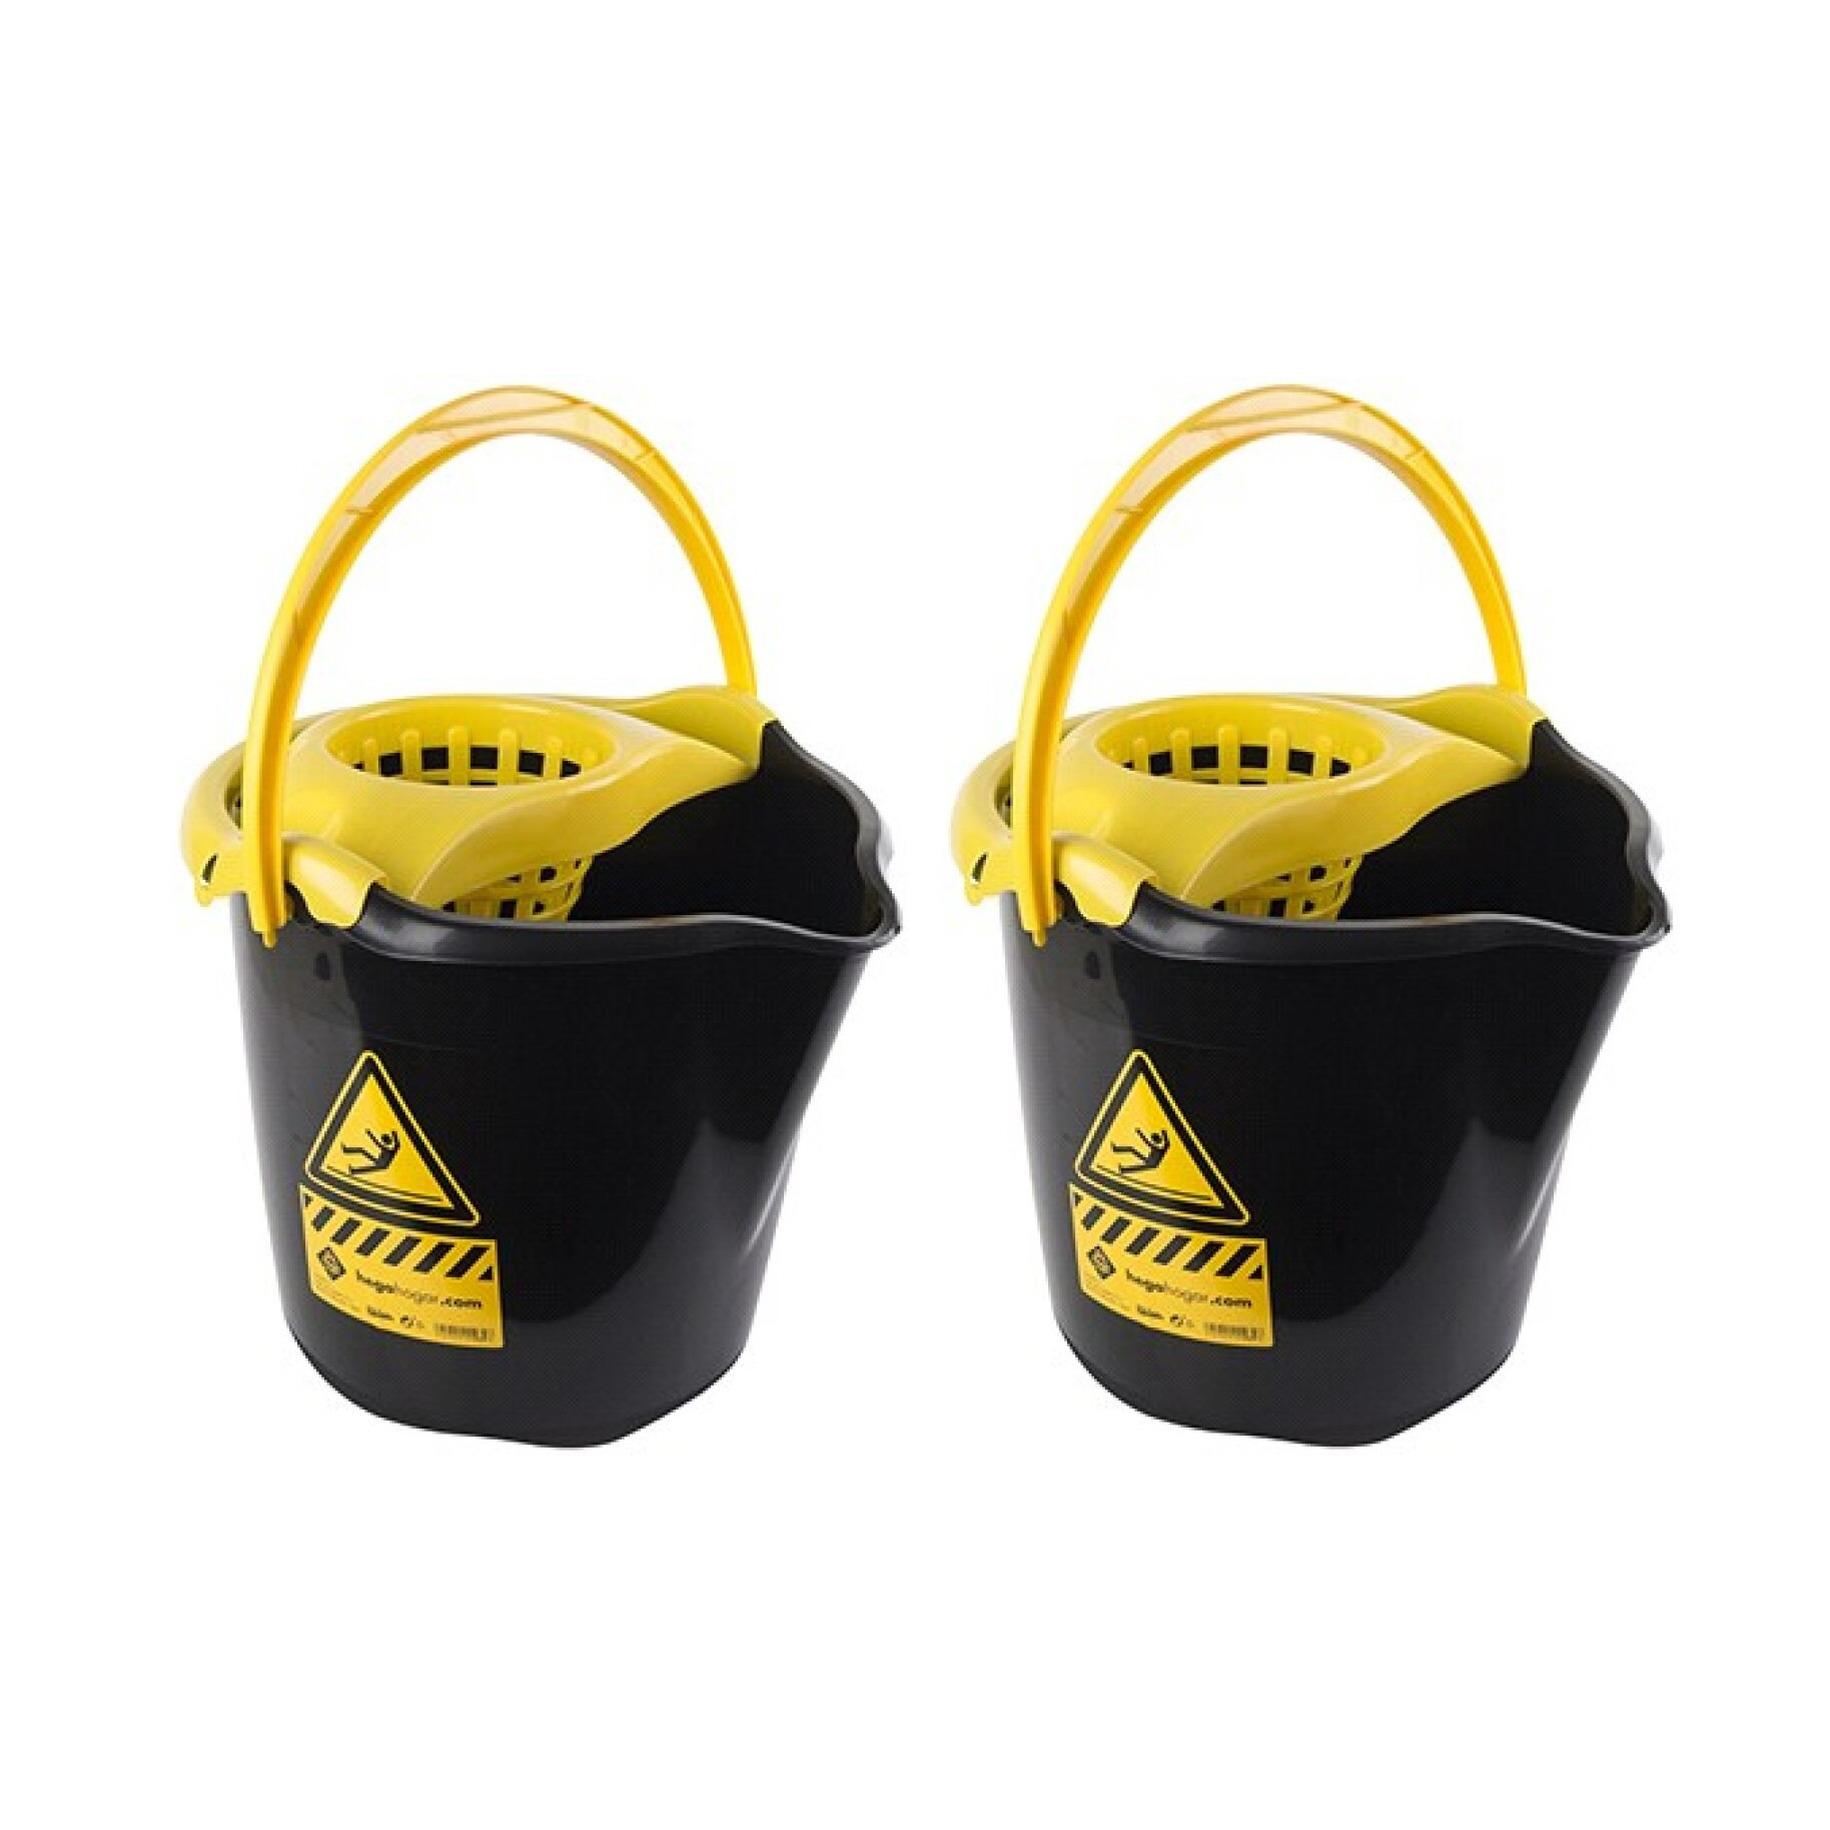 8x Dweilemmers/mopemmers 13,5 liter zwart/geel caution 32 x 30 cm